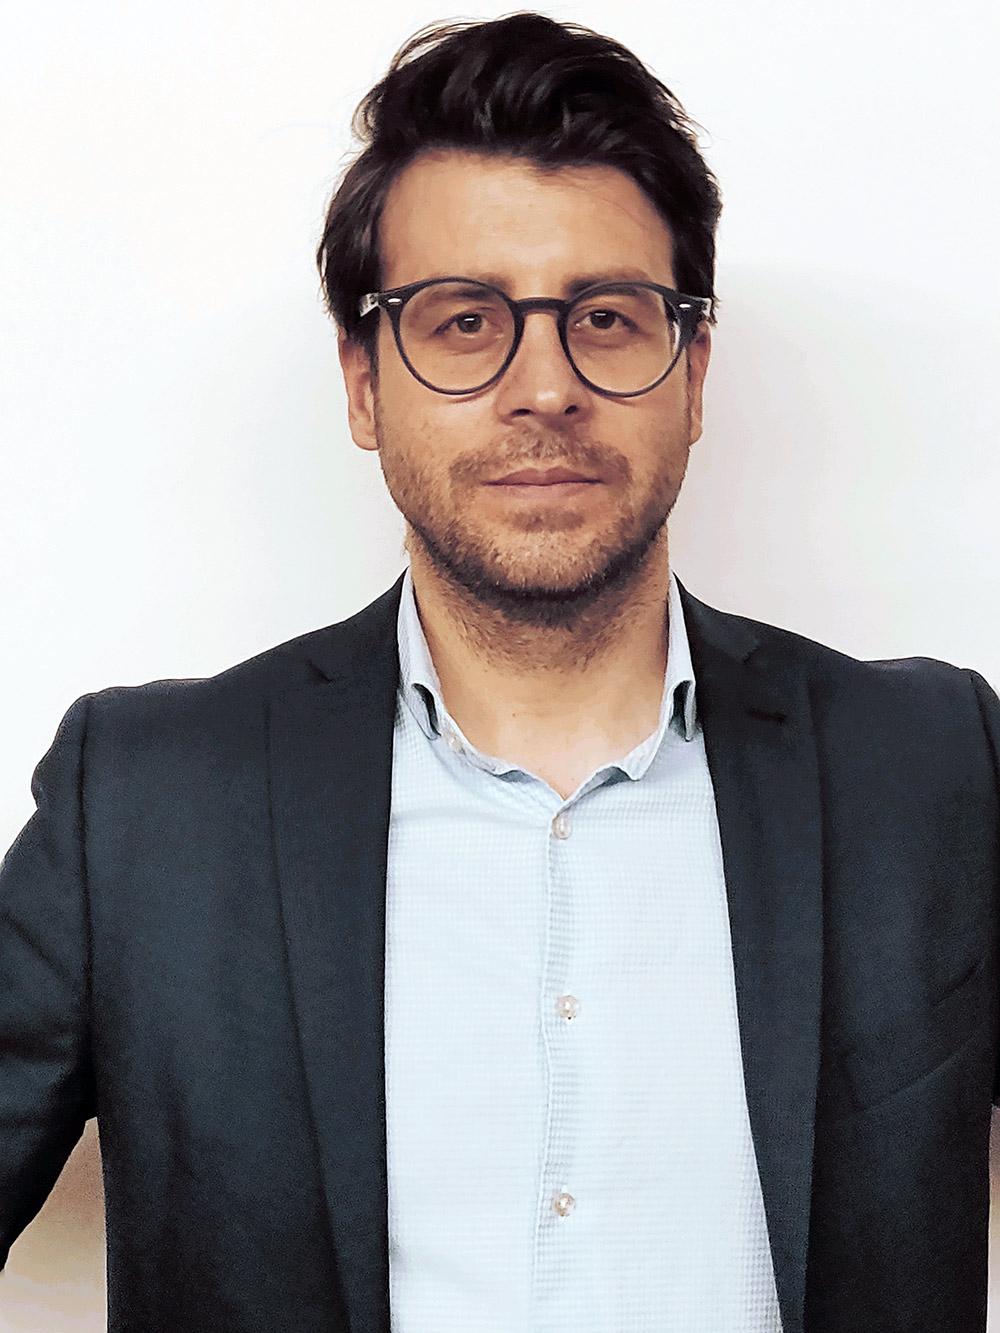 Giovanni Cocco